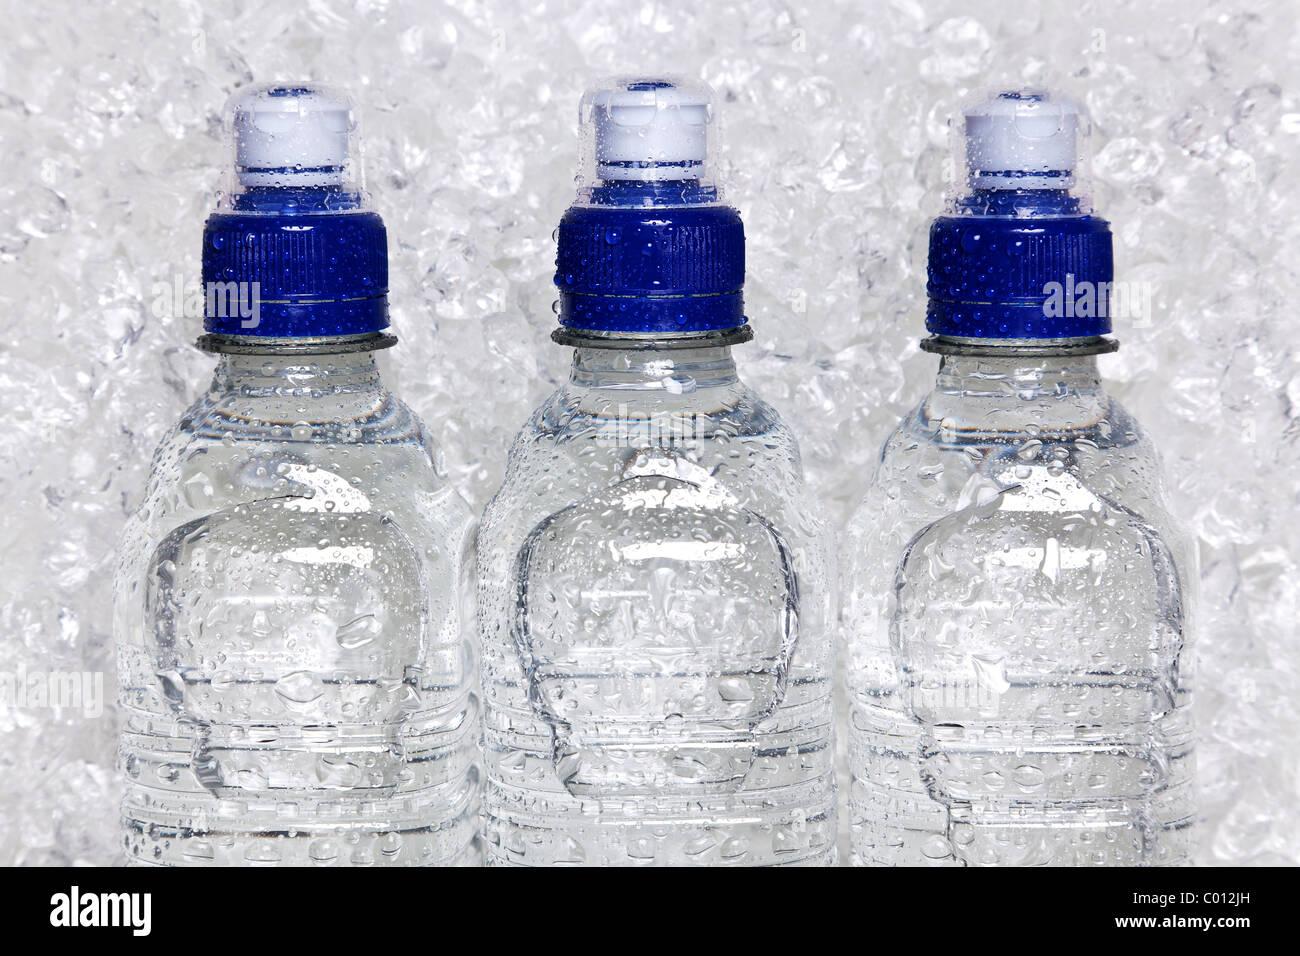 Foto de fría agua mineral en botellas de plástico sobre hielo picado Imagen De Stock